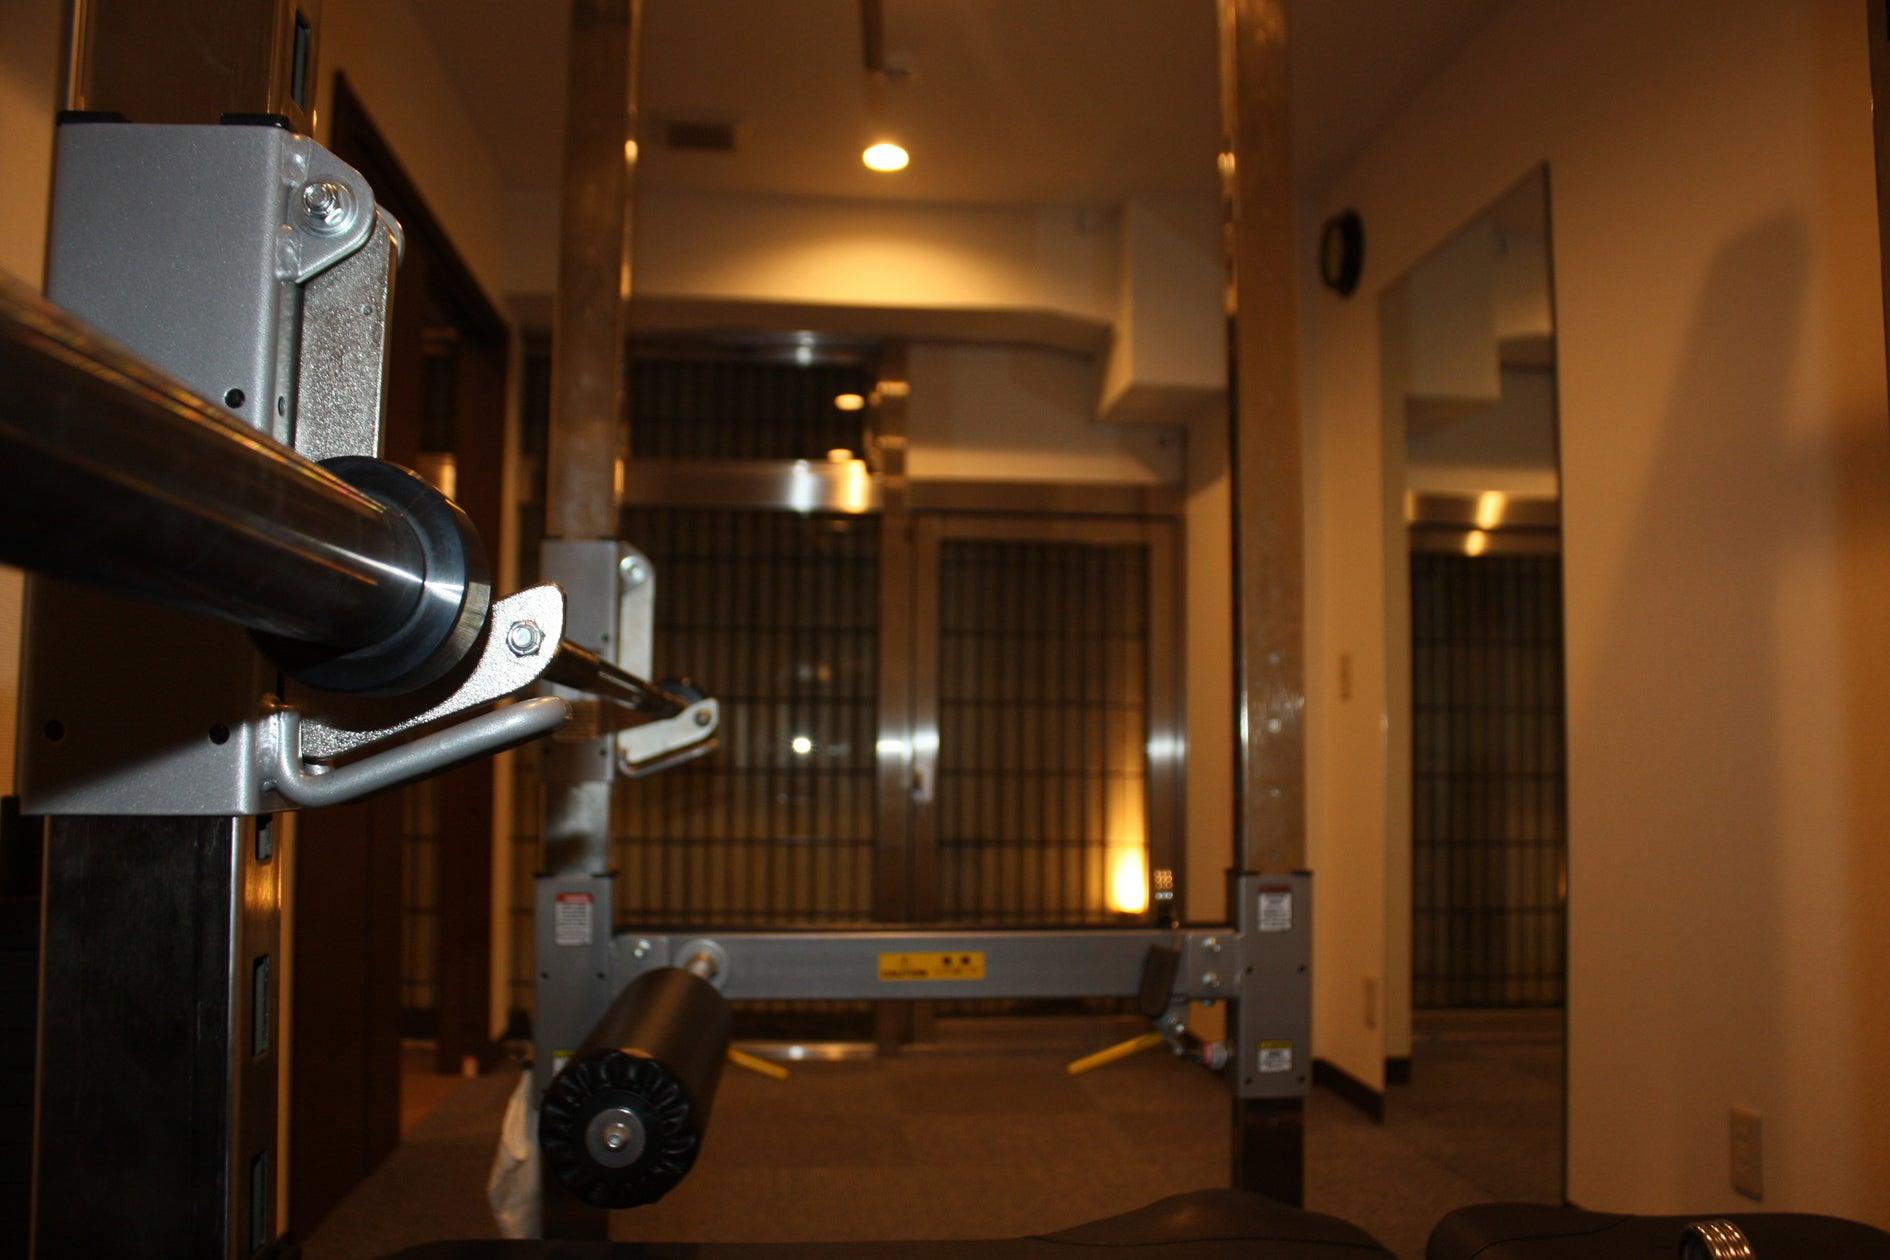 【日本橋エリア】パーソナルトレーニングにおすすめ/完全個室/駅から徒歩5分以内/PREMIUM LIFE FITNESS人形町店(PREMIUM LIFE FITNESS人形町店) の写真0